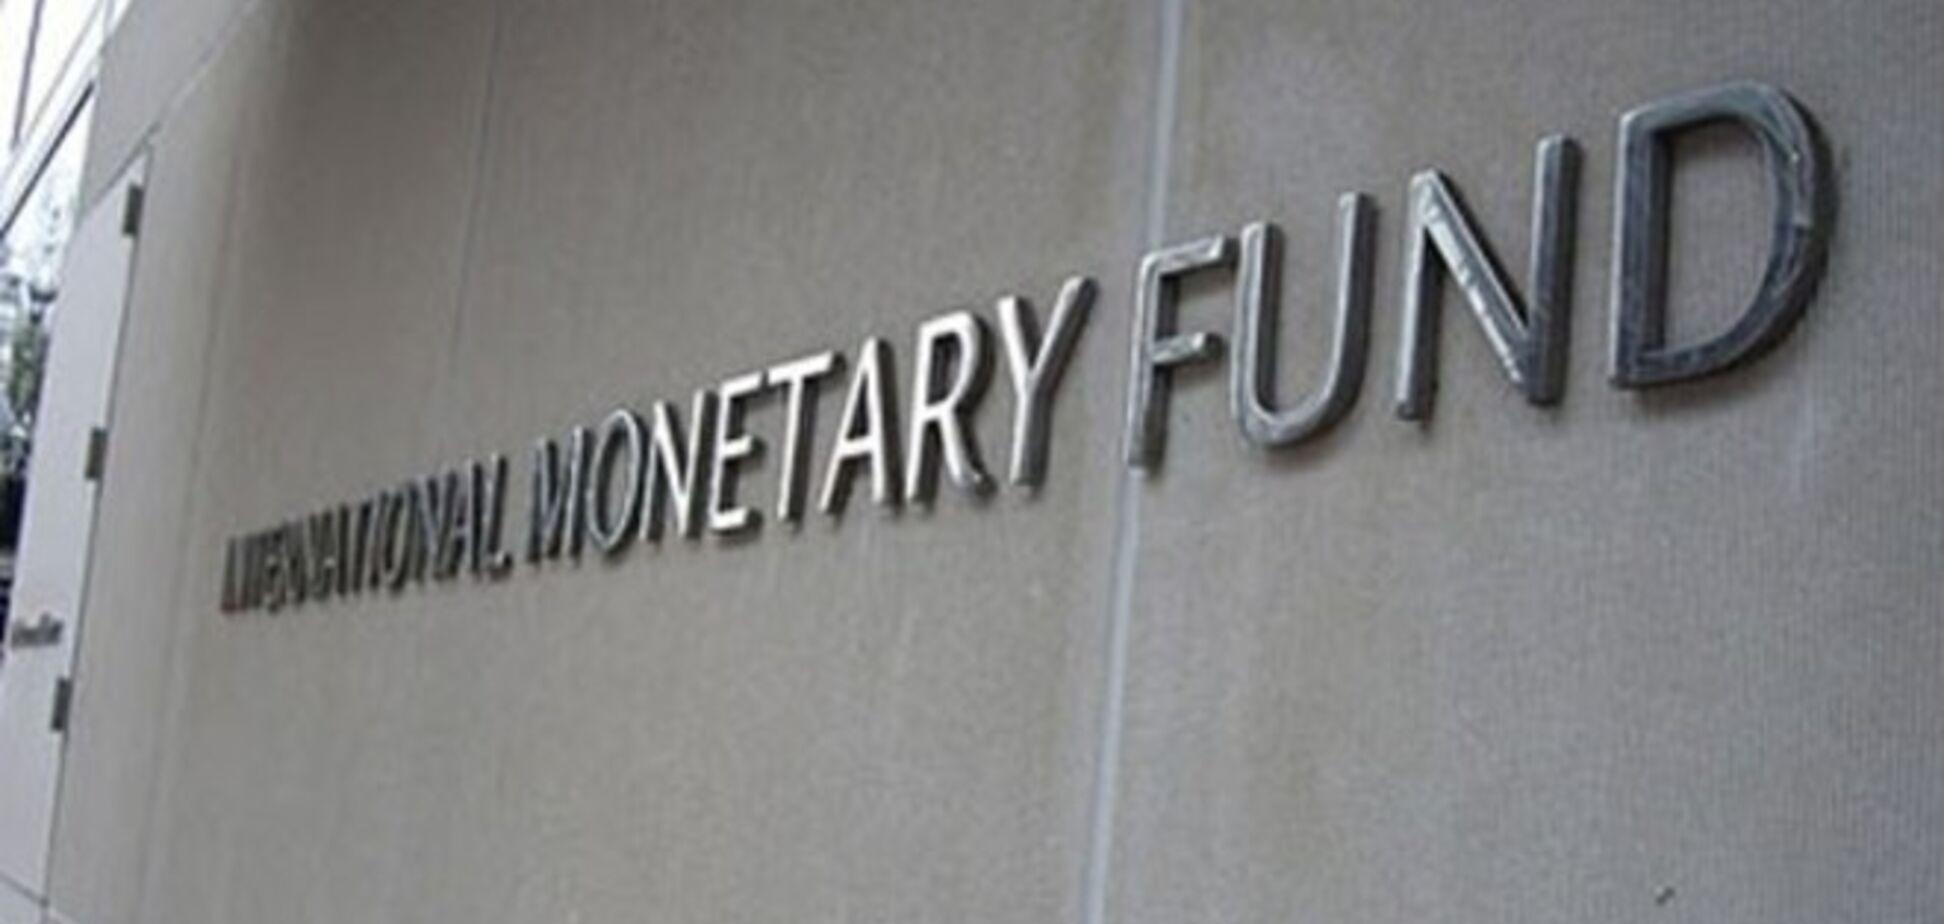 Повышение цен на газ в 6 раз, пенсионный возраст до 65, сокращение 230 тыс. бюджетников - меморандум МВФ